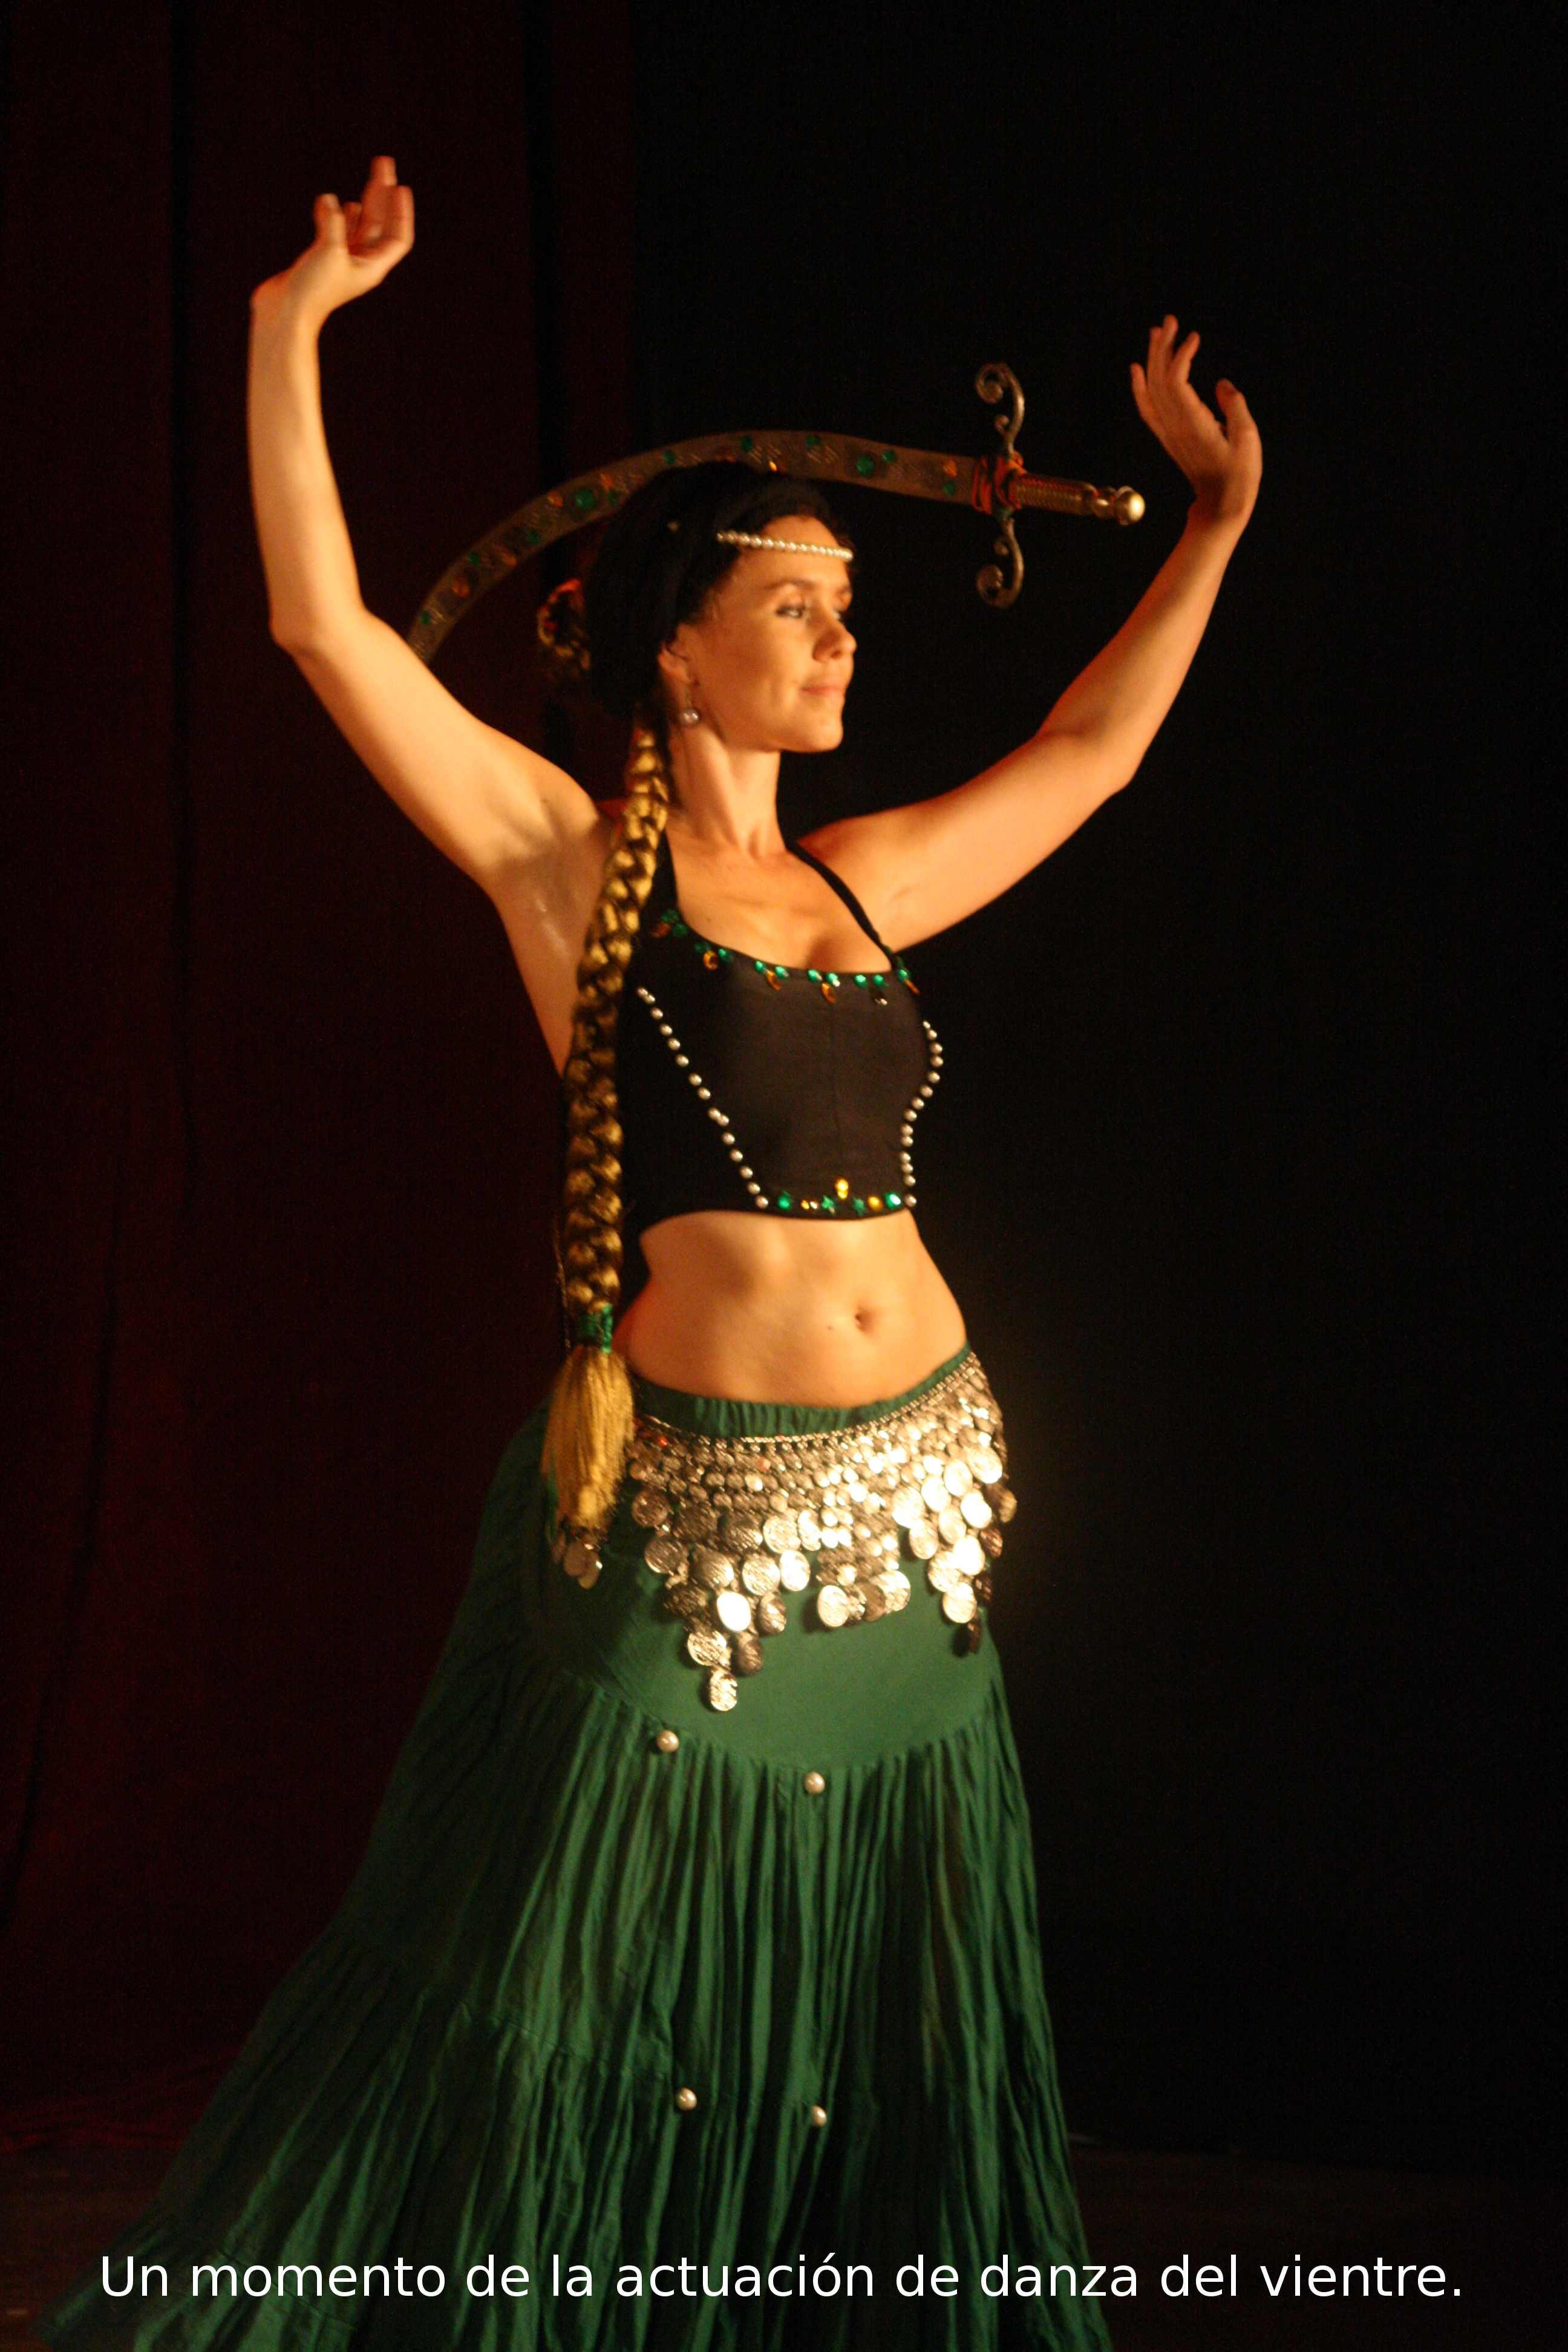 Sexy danza del vientre egipcio